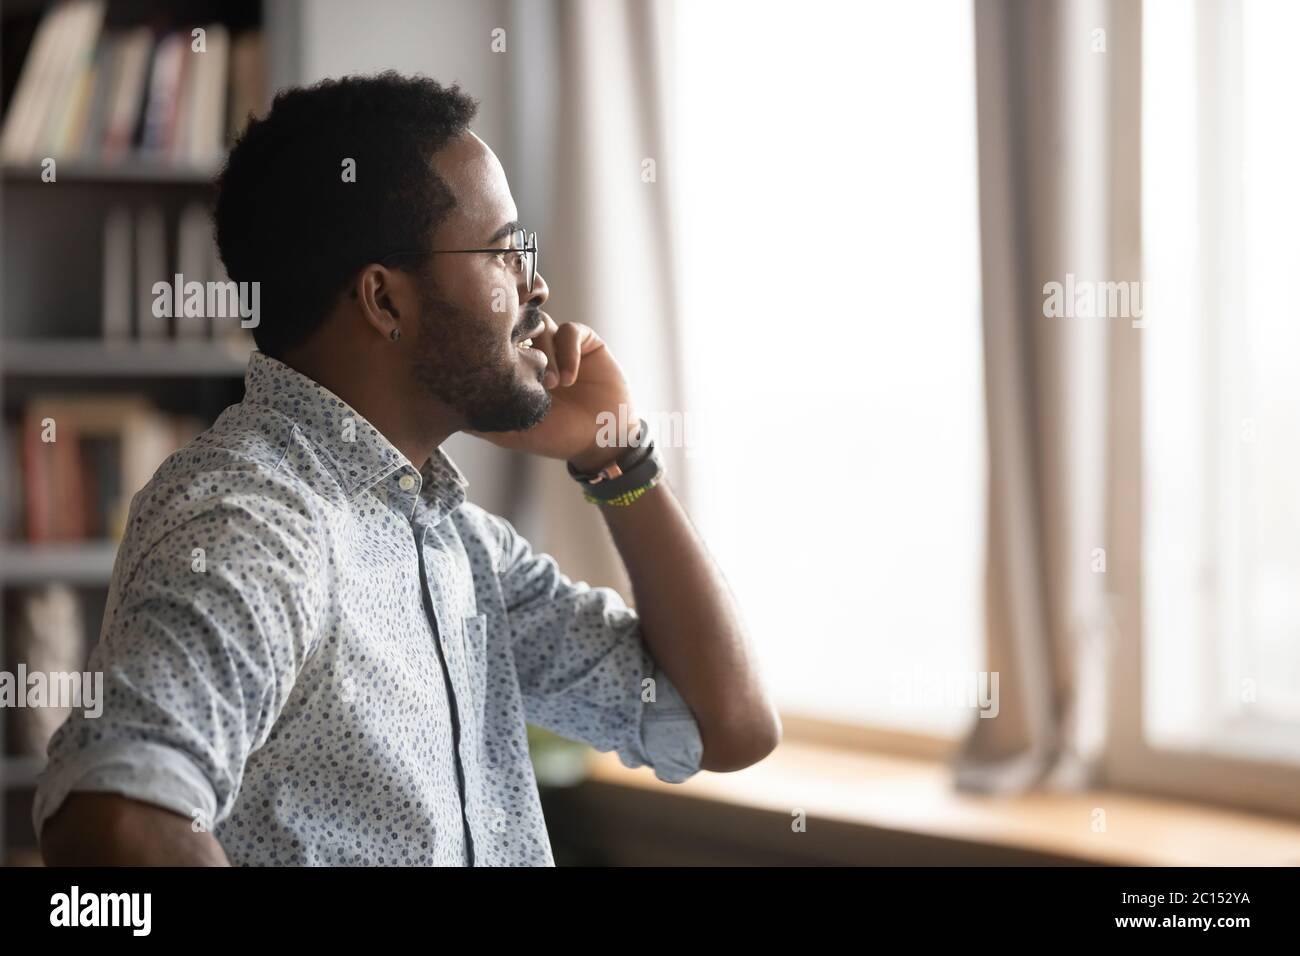 Un homme d'affaires africain tenant un téléphone portable pour discuter et résoudre les problèmes de manière distenante Banque D'Images